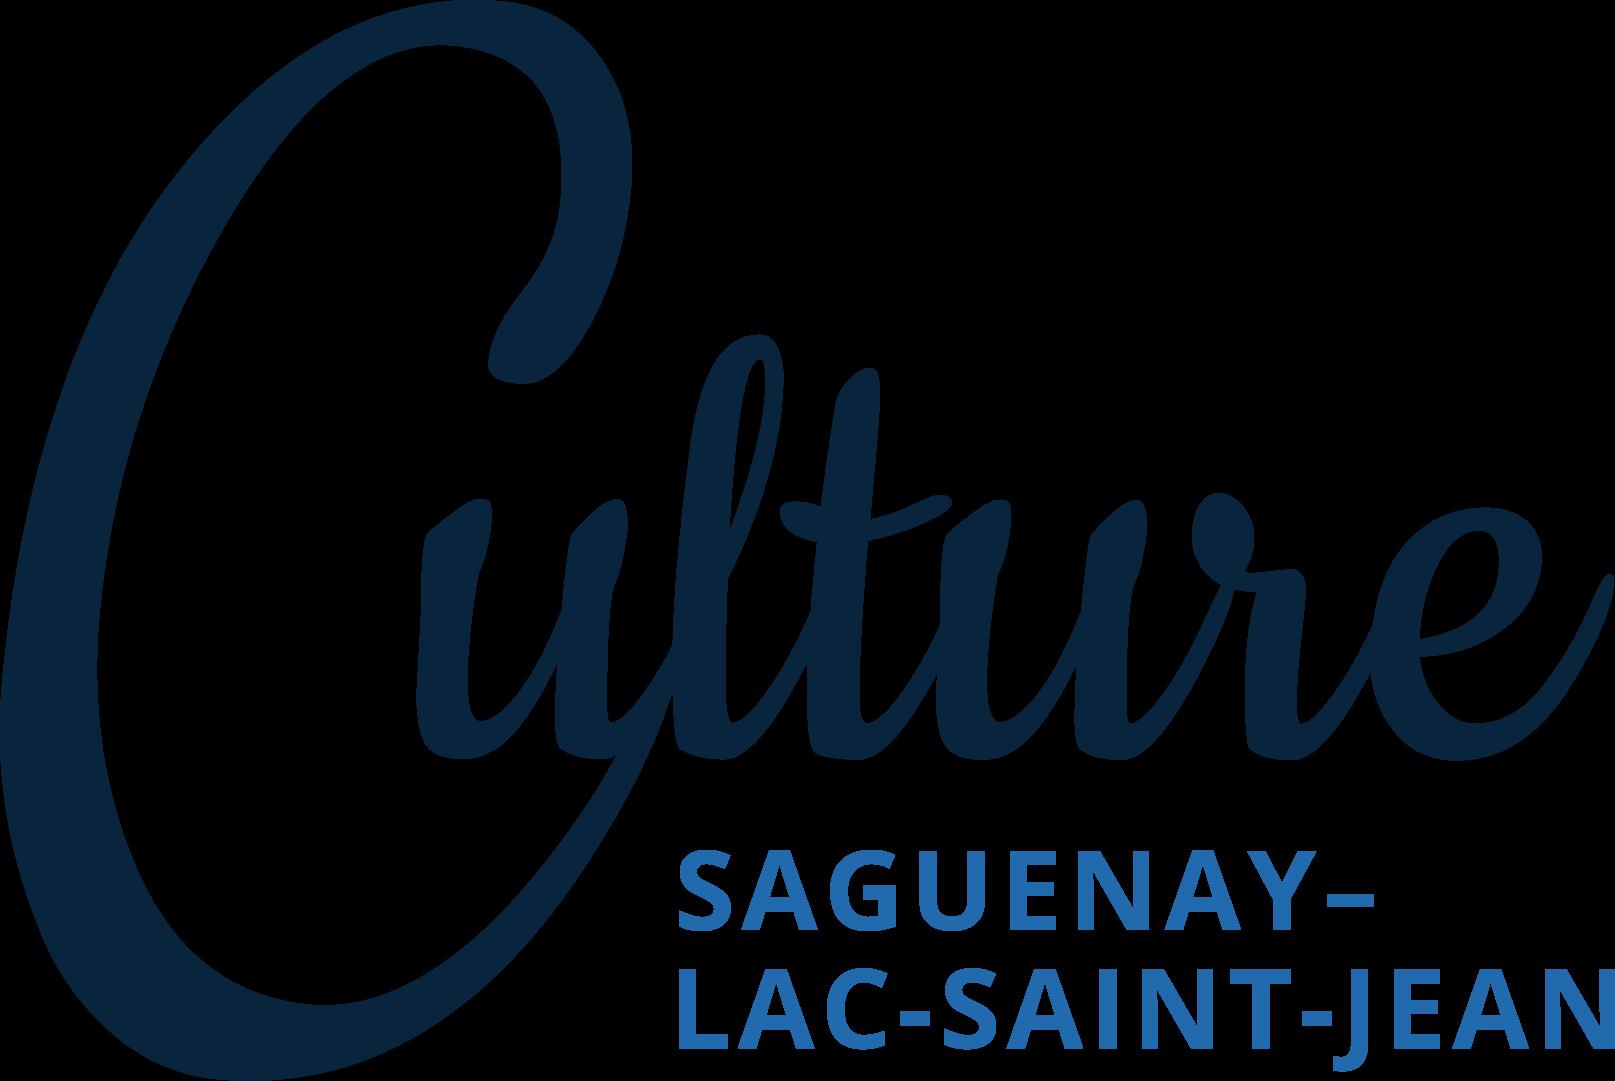 logo de Culture Saguenay - Lac-Saint-Jean